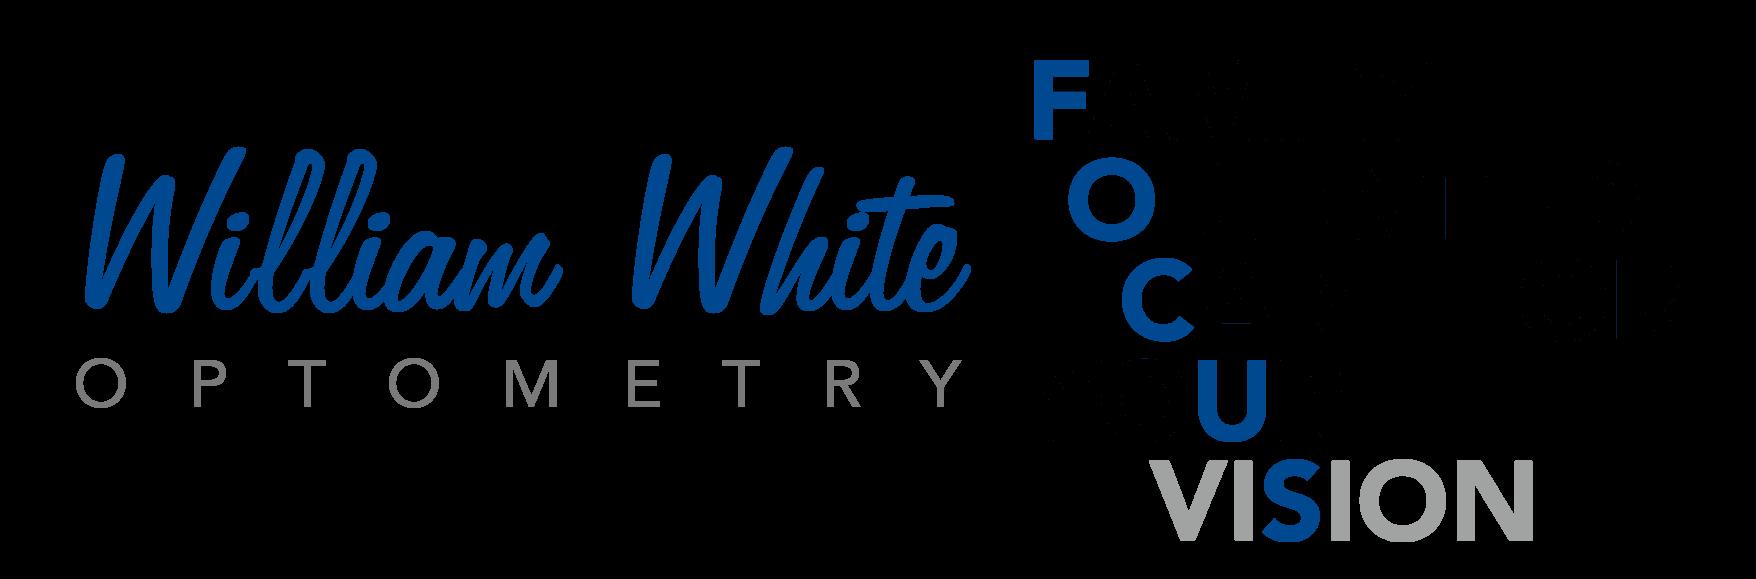 William White Optometry